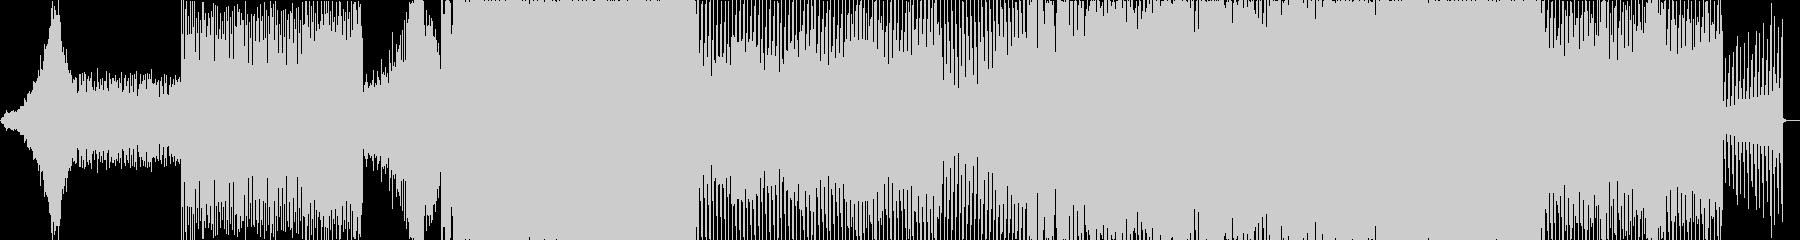 シンセを使った盛り上がりのあるオープニンの未再生の波形